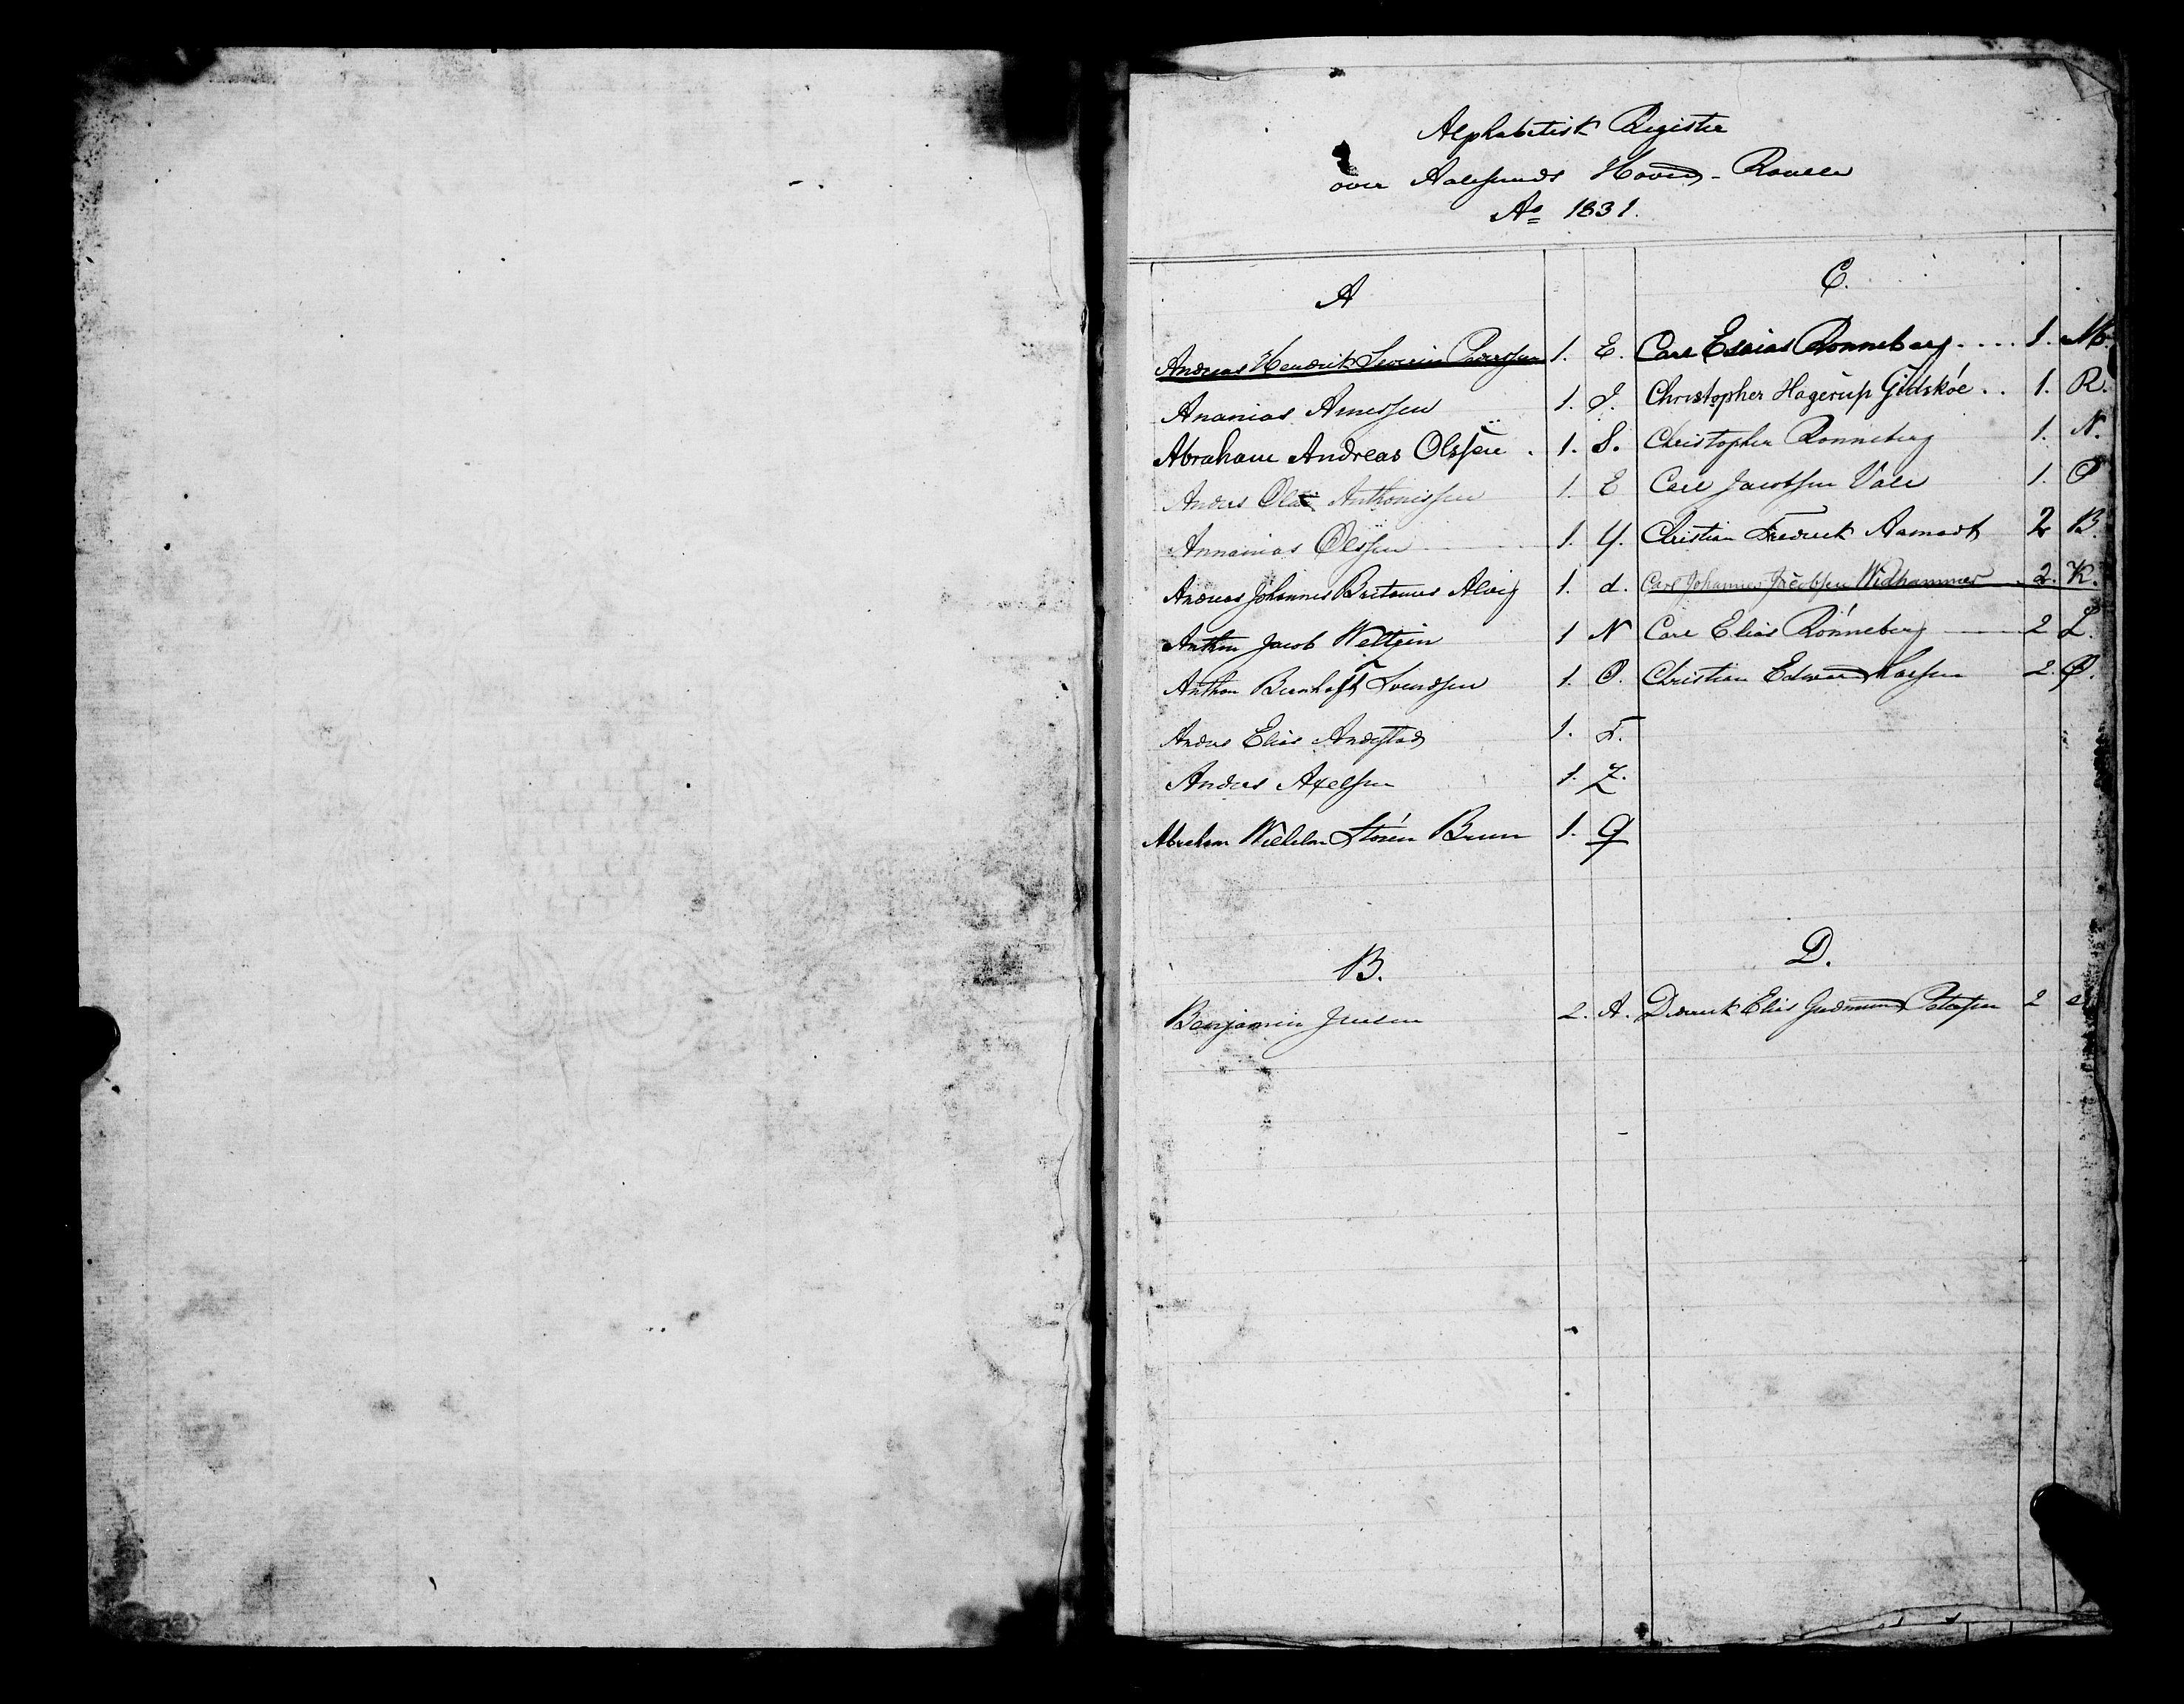 SAT, Sjøinnrulleringen - Trondhjemske distrikt, 01/L0307: Hovedrulle, ungdomsrulle og ekstrarulle for Ålesund by, 1831-1846